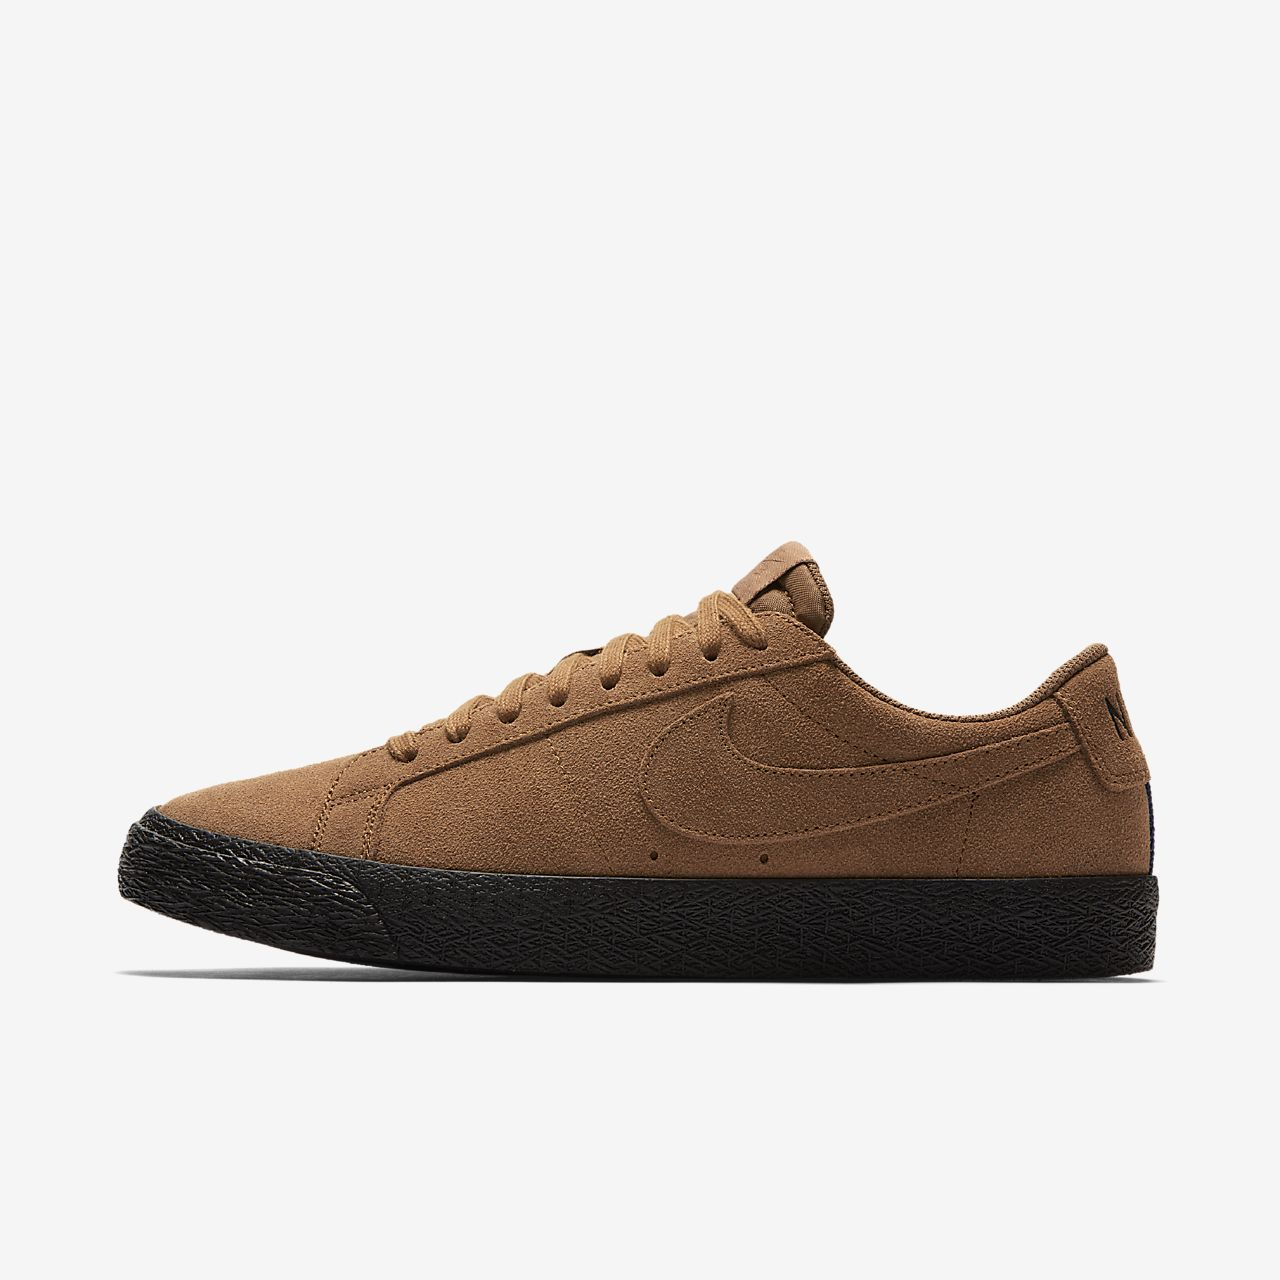 size 40 c989e c7076 ... Chaussure de skateboard Nike SB Blazer Zoom Low pour Homme